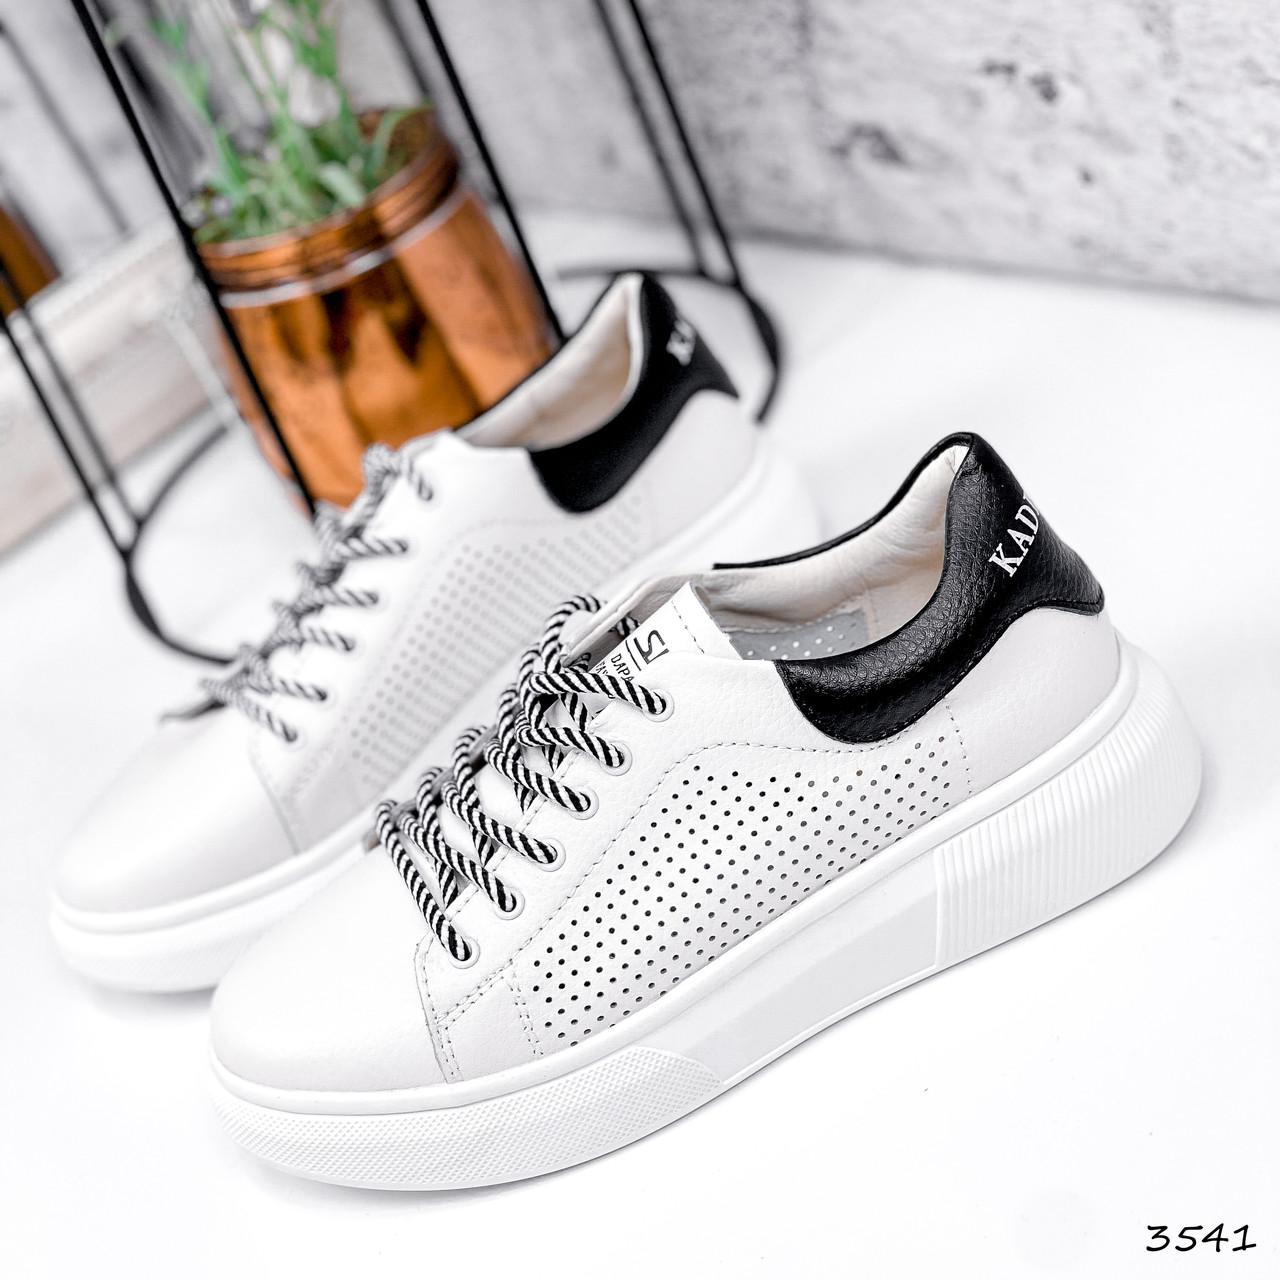 Кросівки жіночі Arait білі + чорний 3541